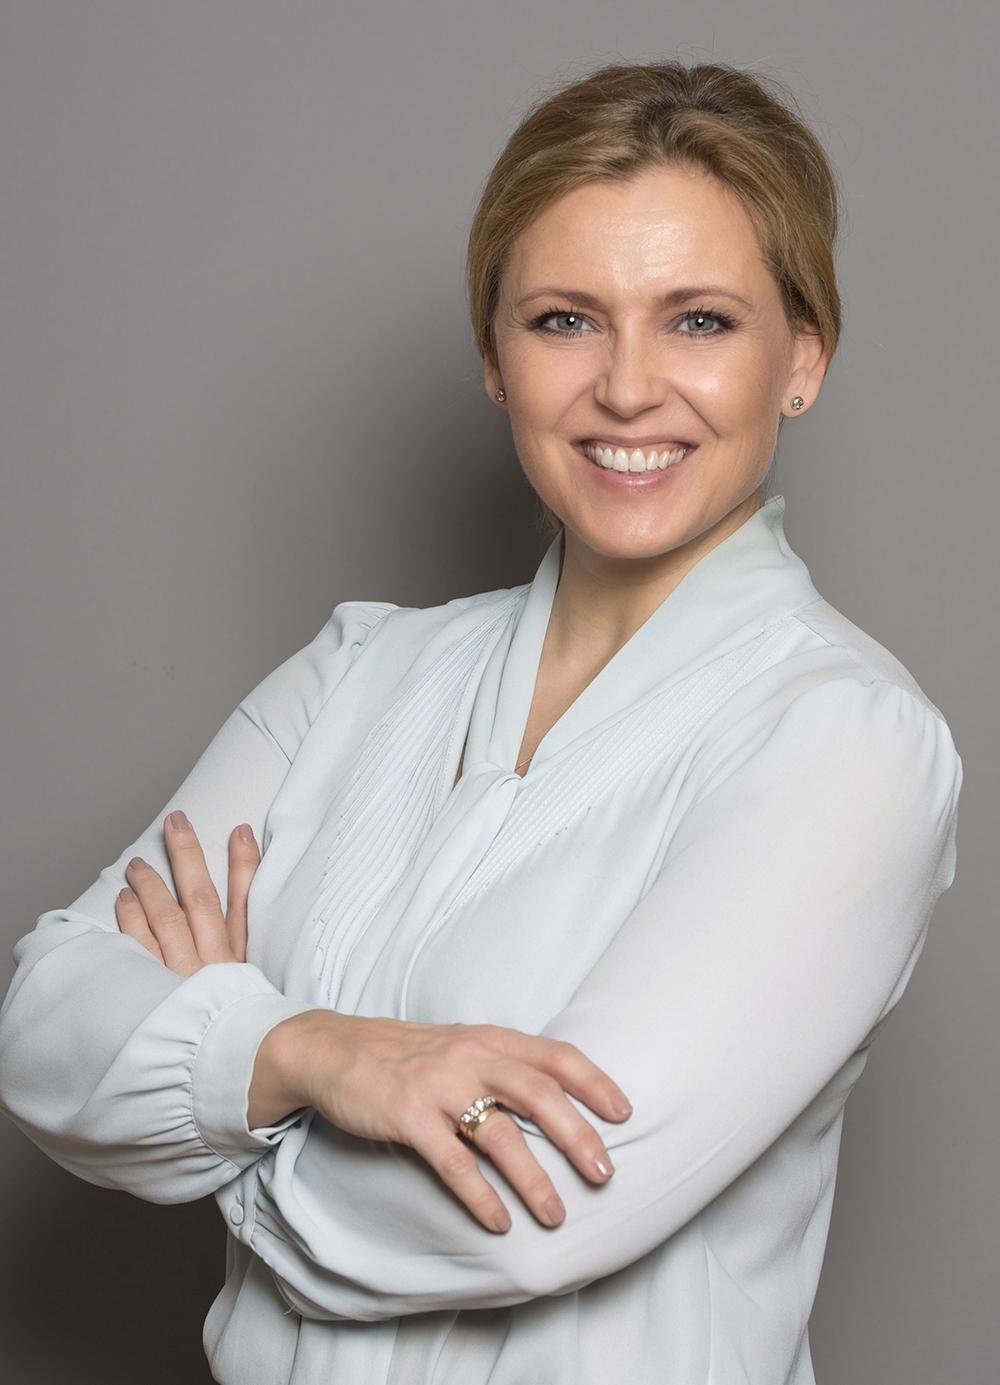 Auður Ýr Helgadóttir